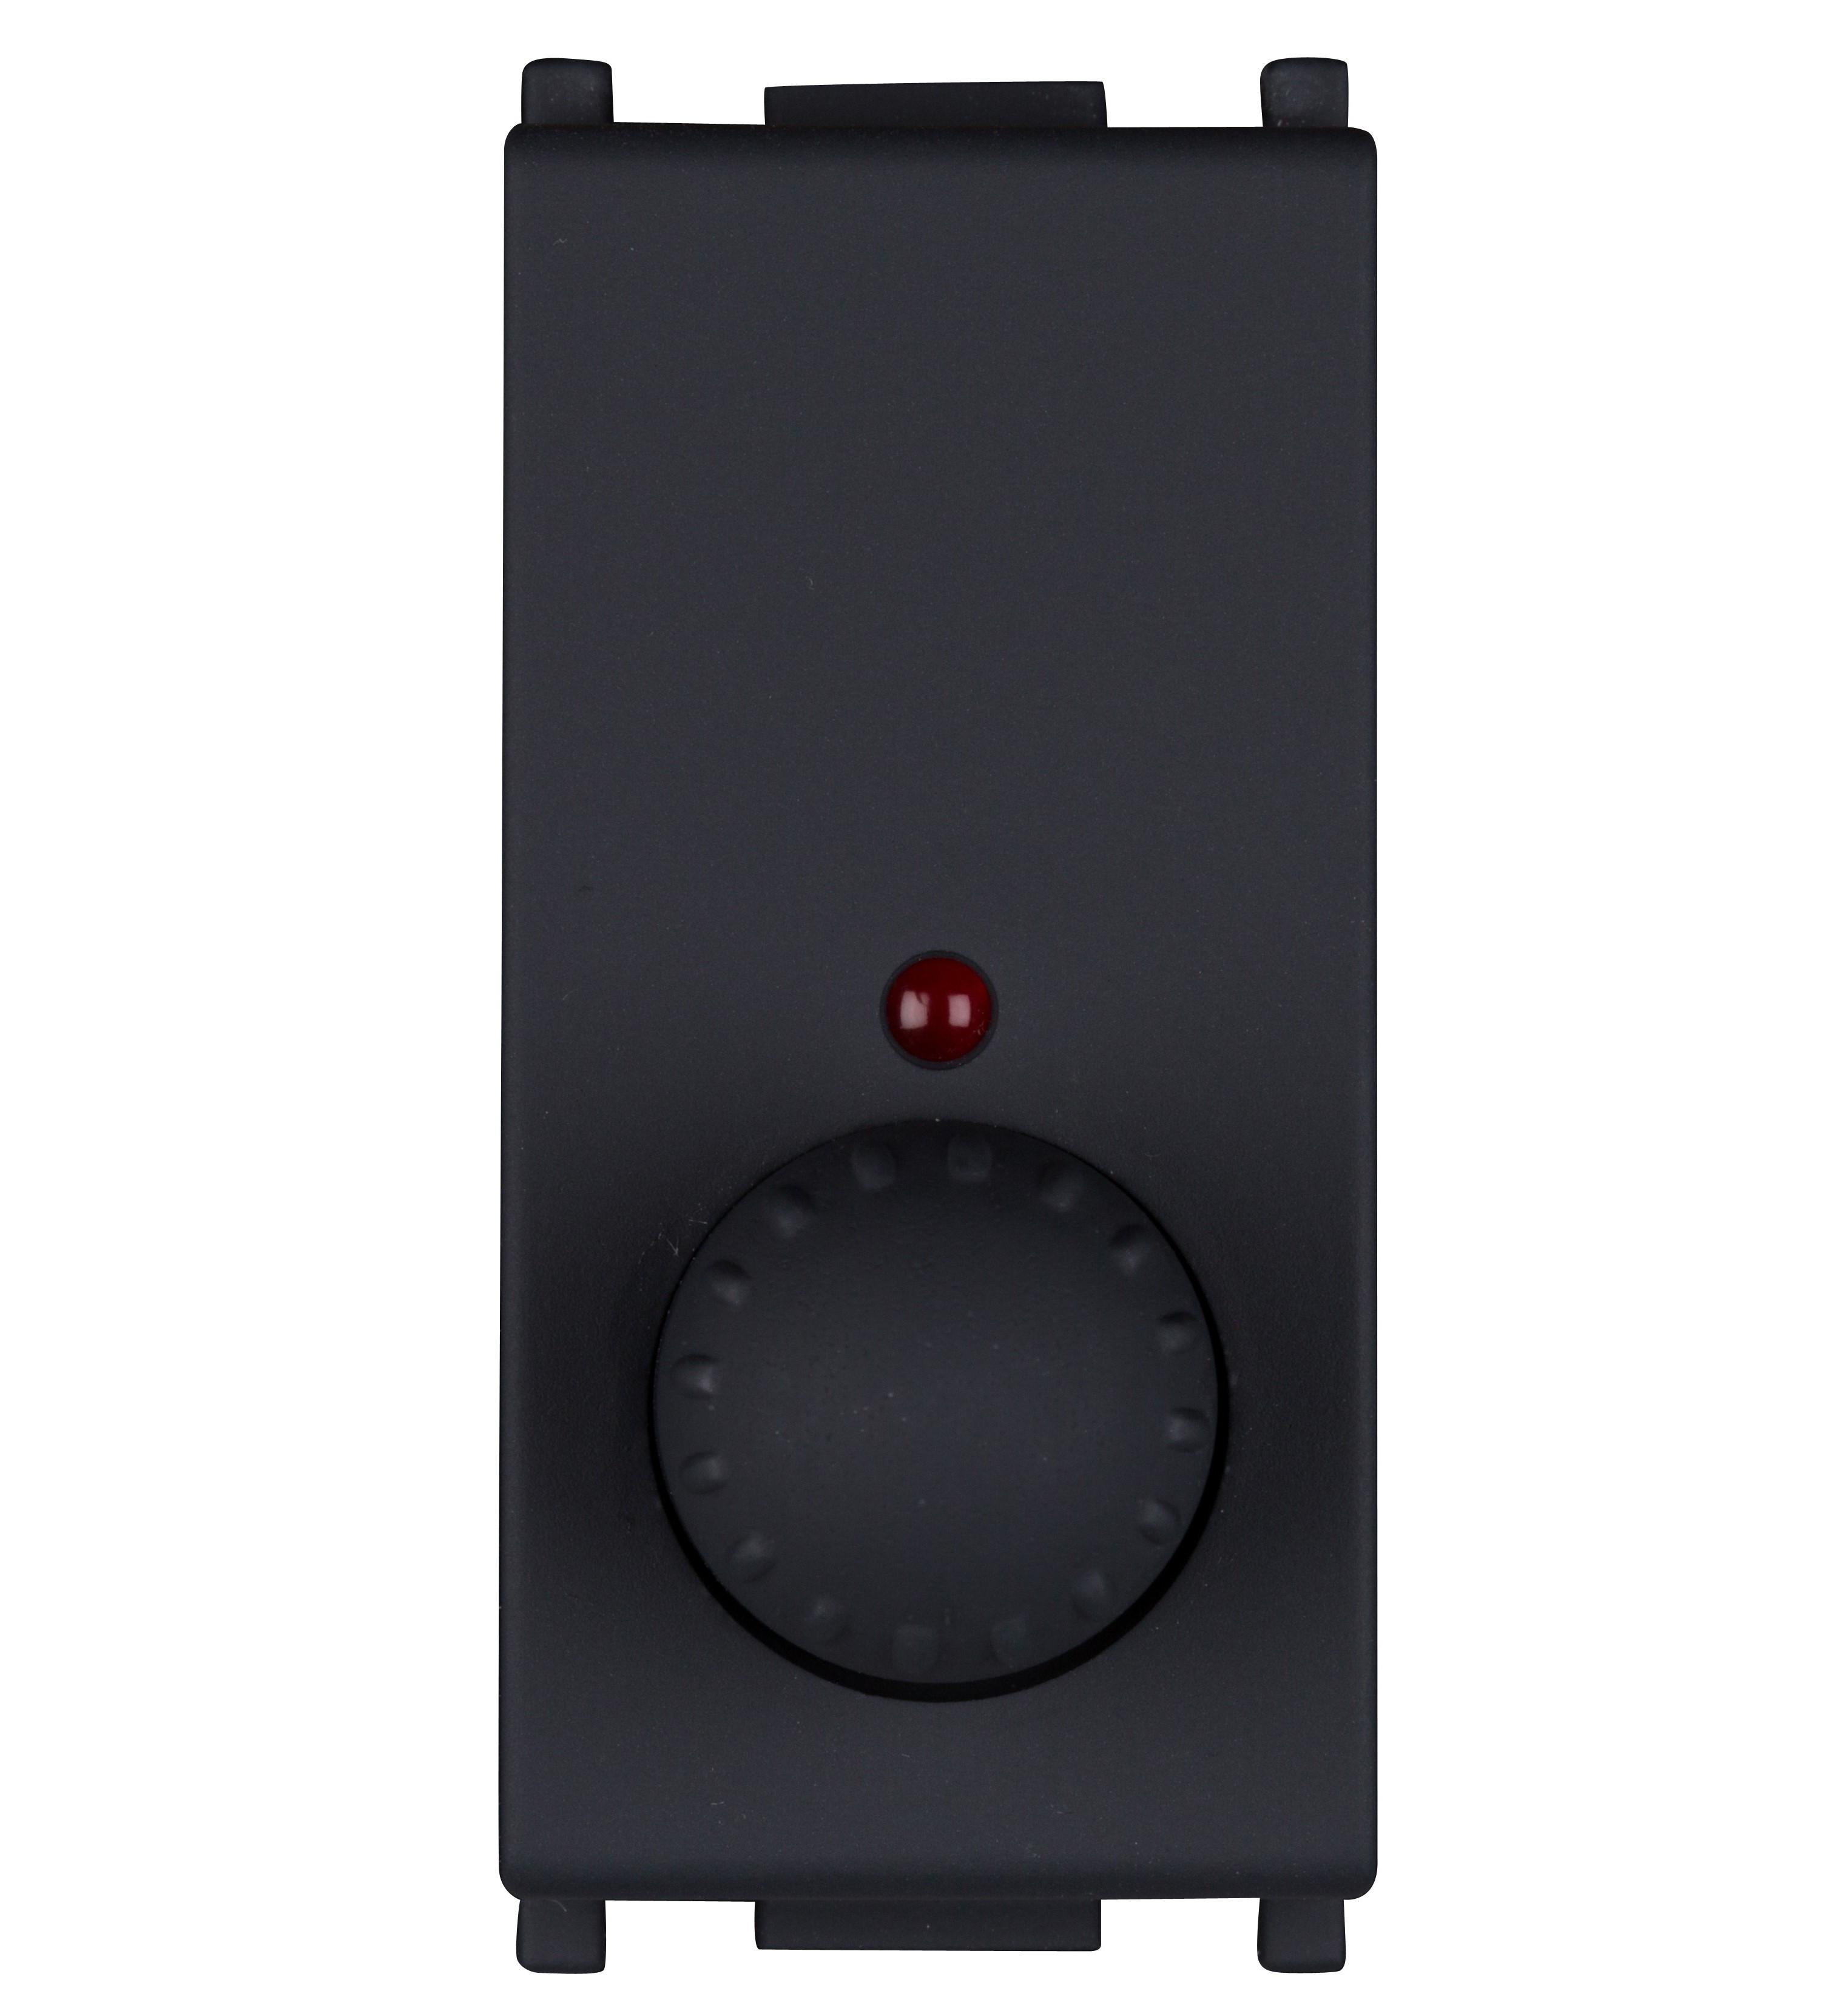 1 Stk Dimmer für Wechselschaltung RL 300W 1M, schwarz ET113002--